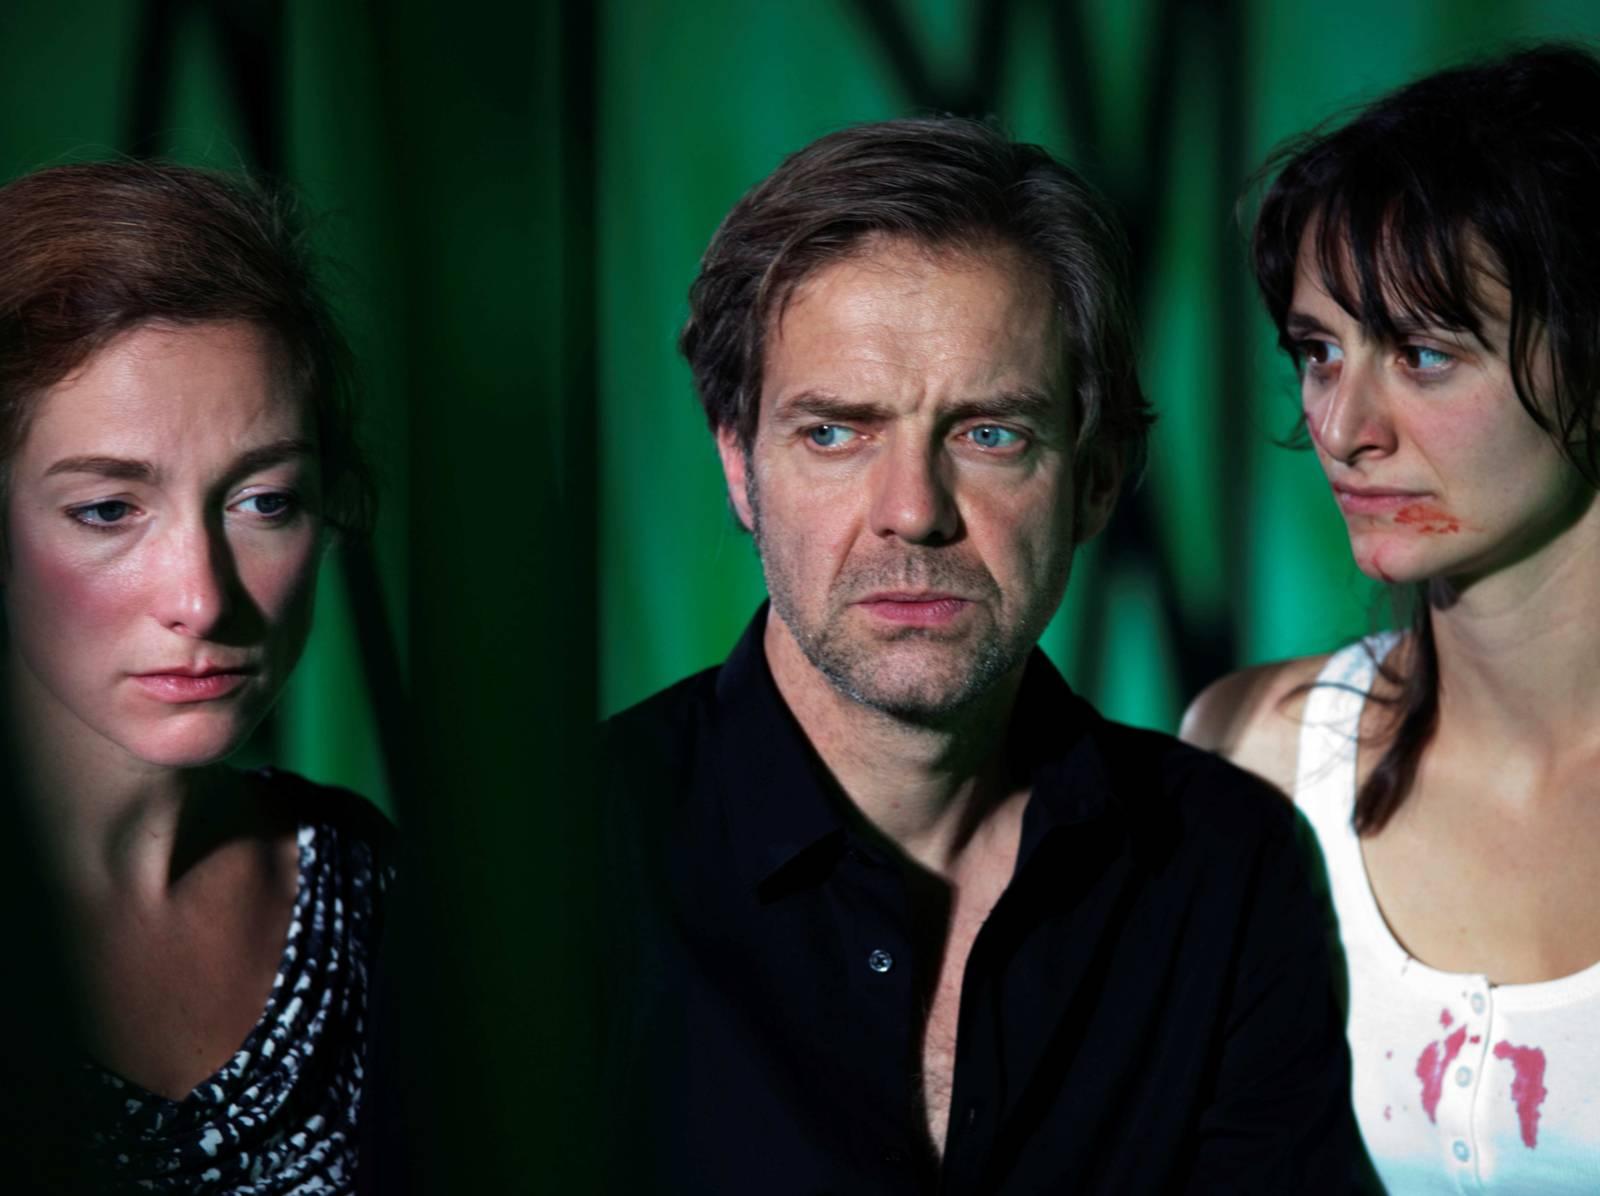 Szene aus einem Stück: Zwei Frauen und ein Mann schauen ernst, die eine Frau hat Blut im Gesicht und an ihrem T-Shirt.